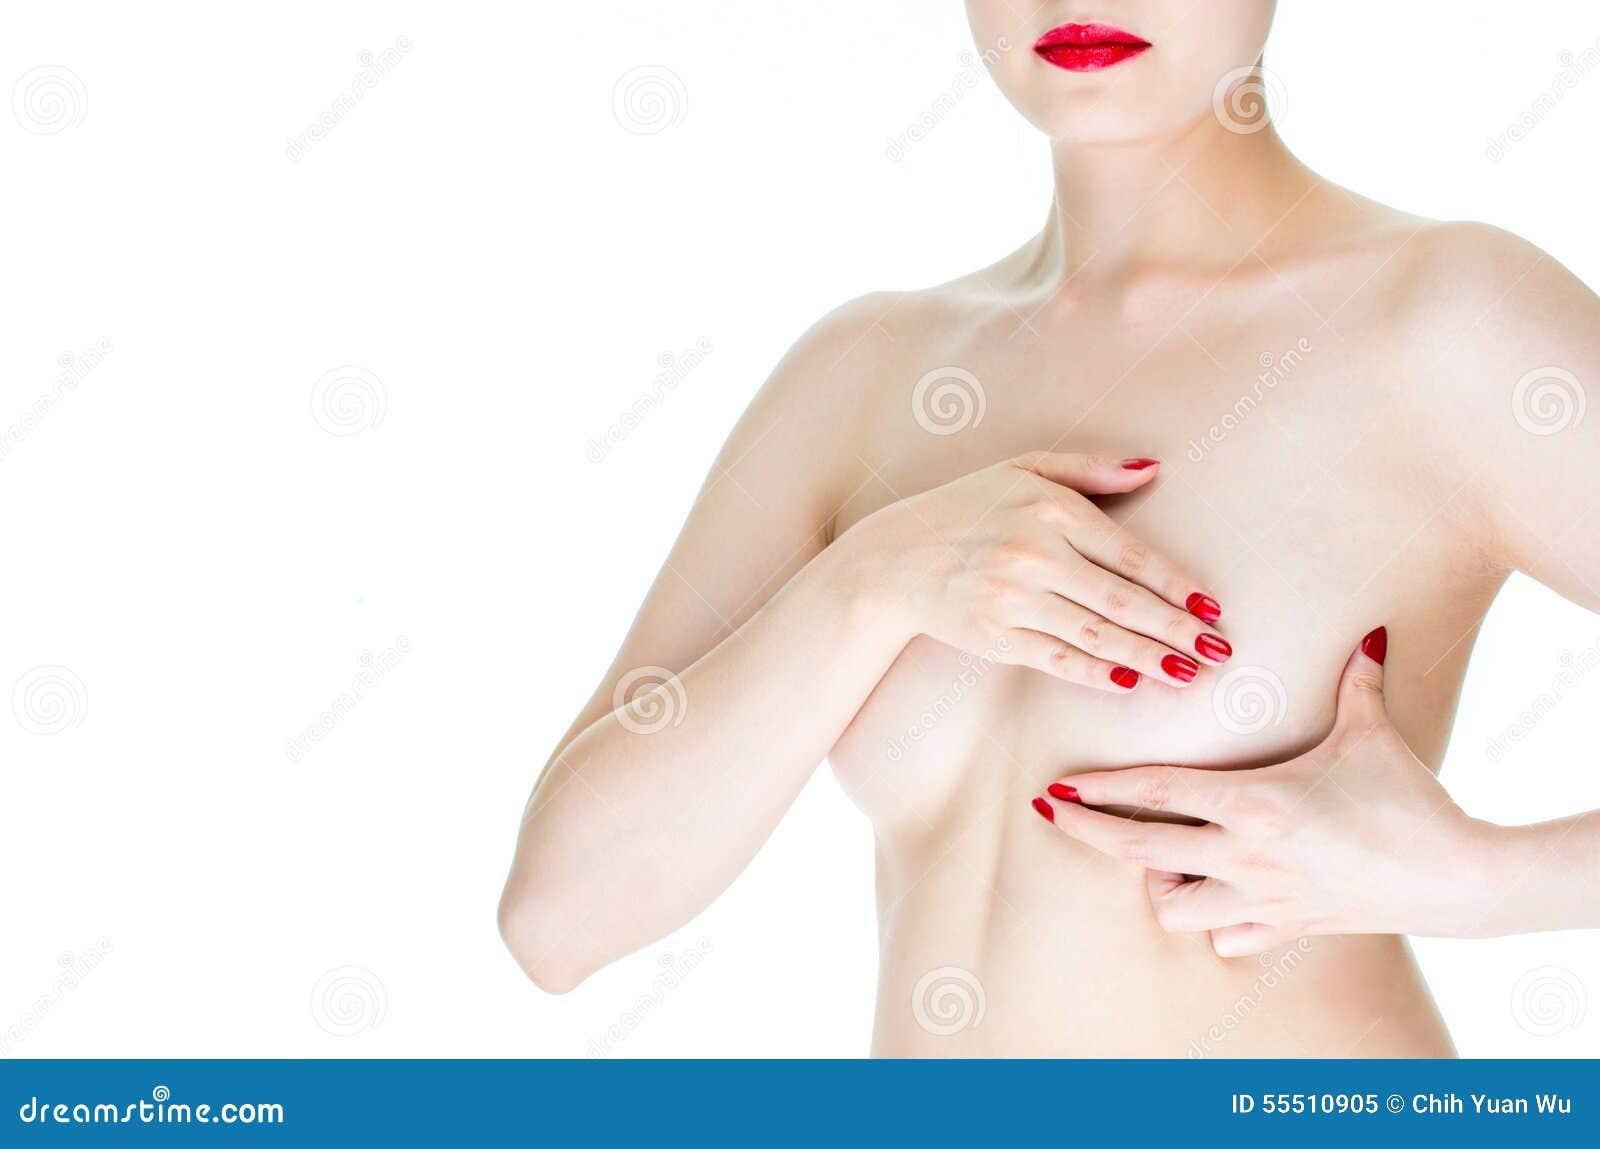 Женская грудь фото скачать фото 652-181